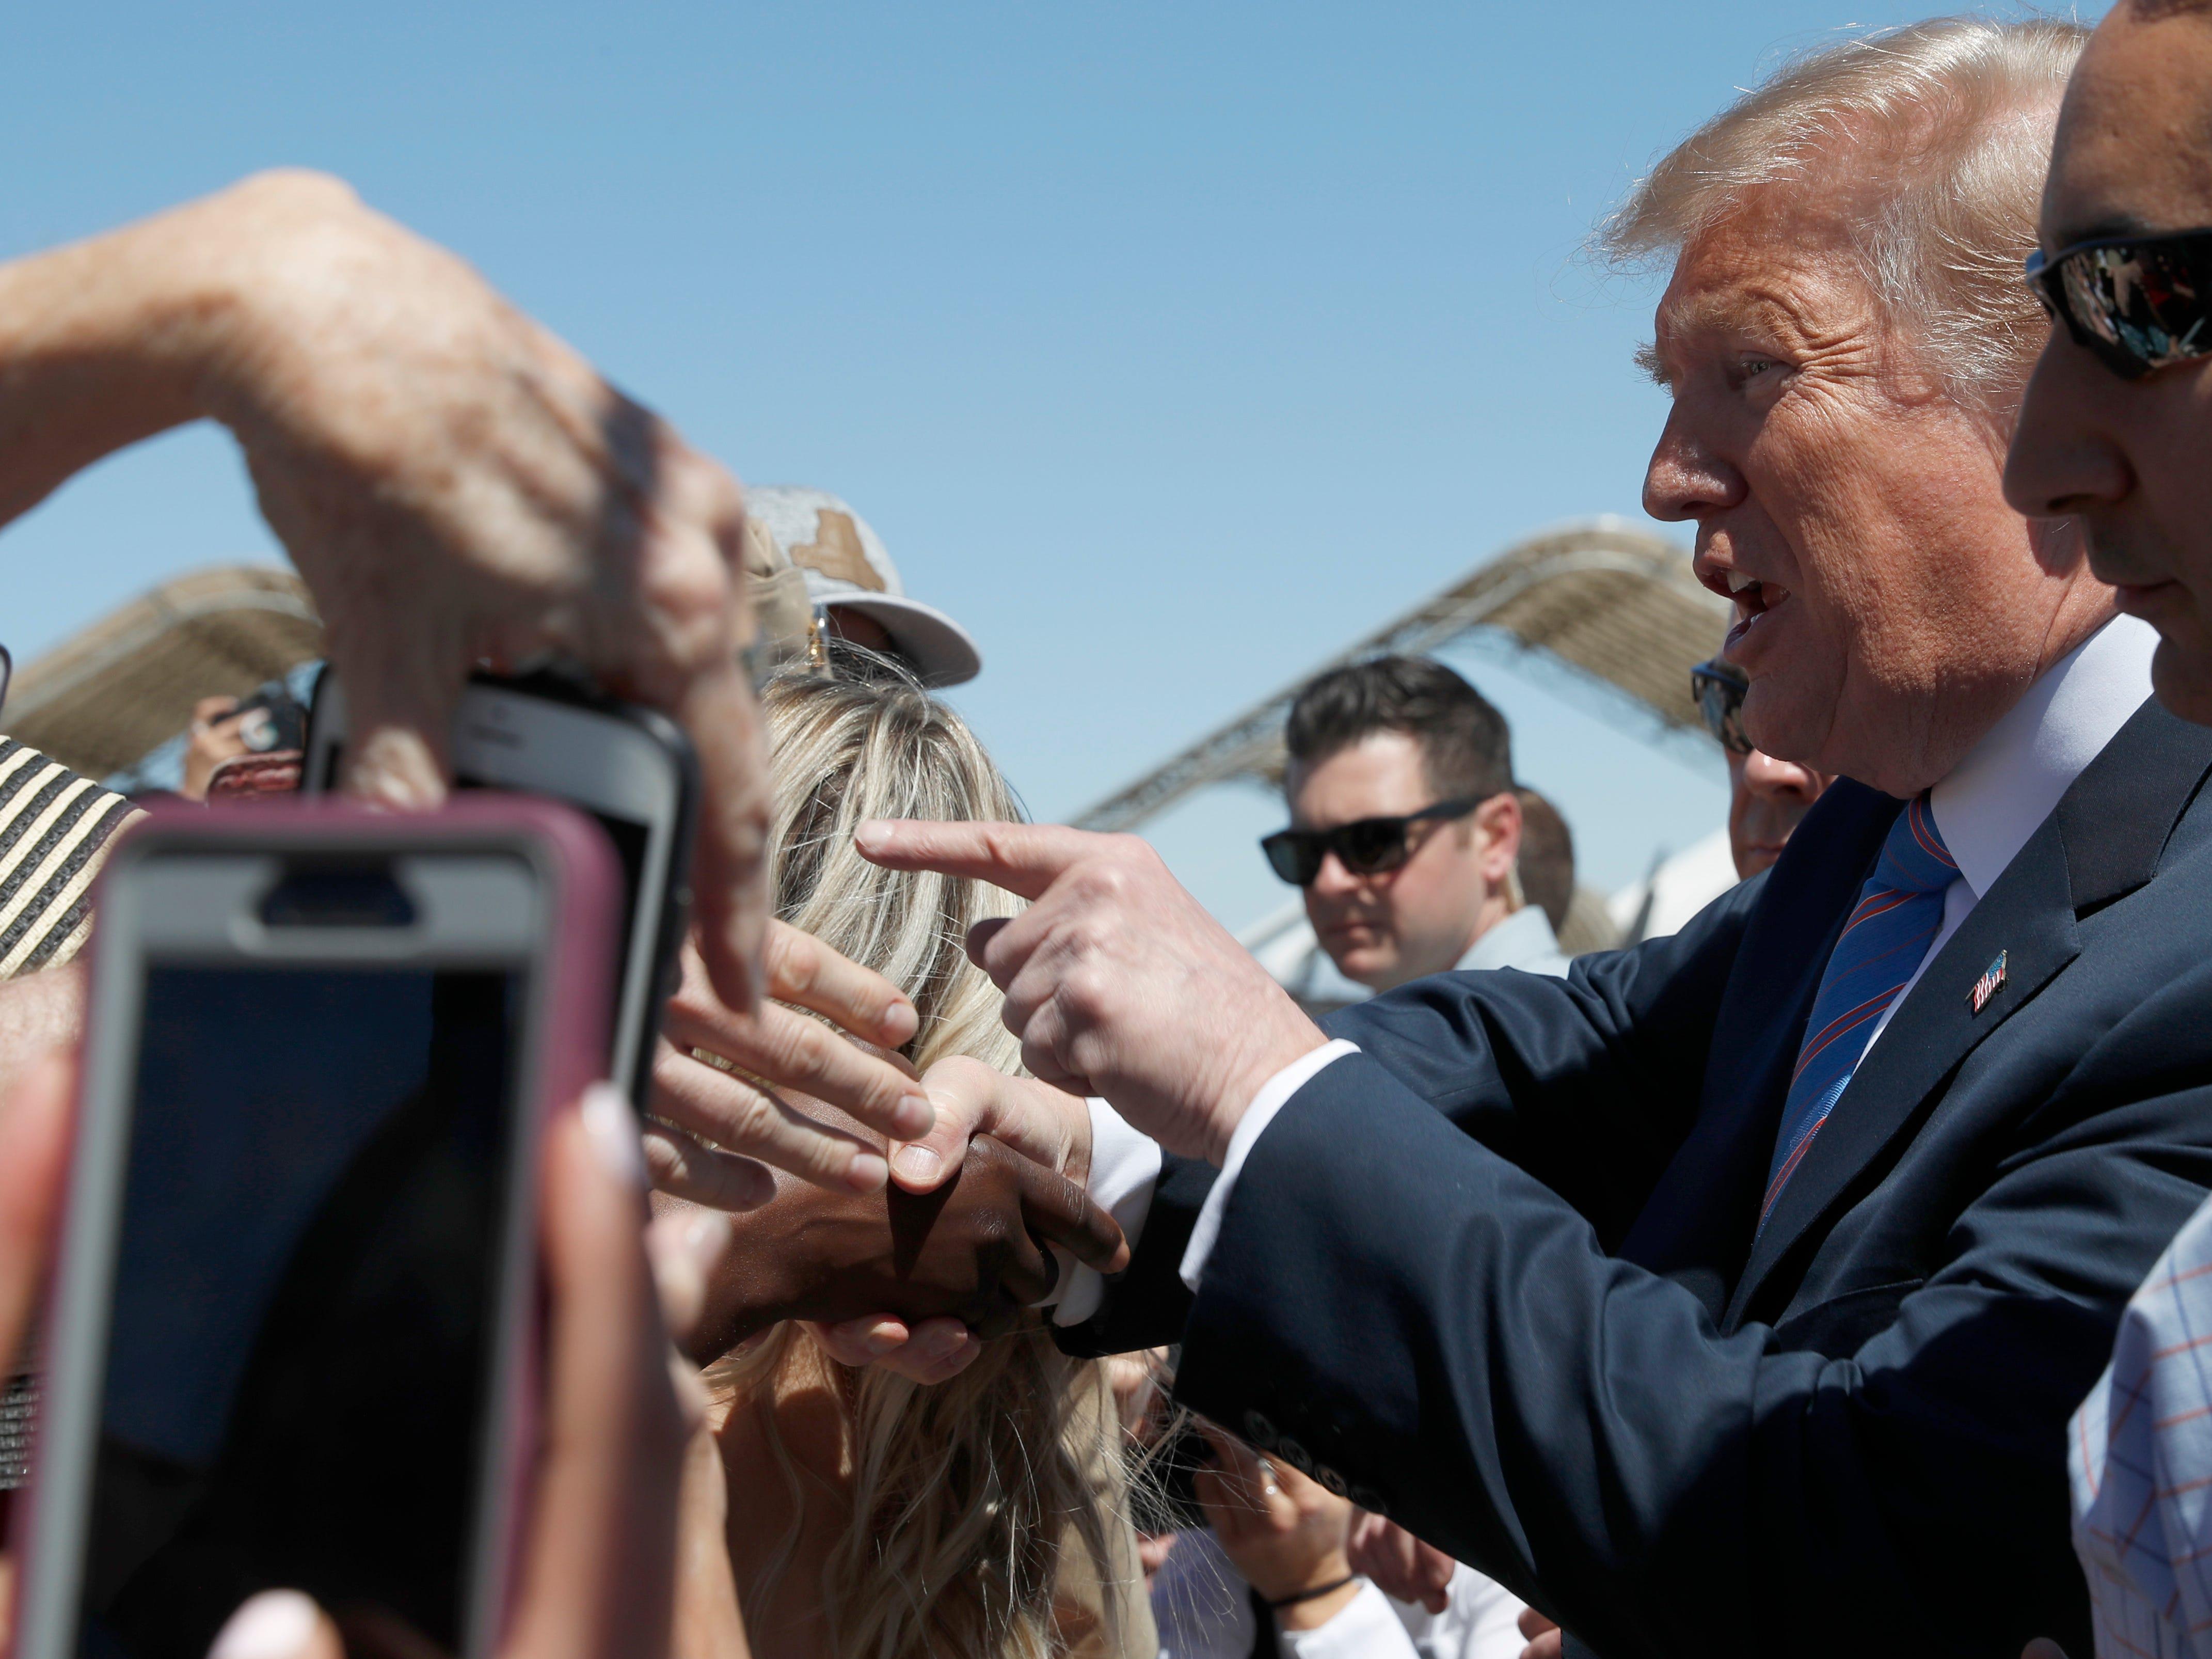 El presidente Donald Trump aterriza en la base naval de El Centro, California, durante su visita a la frontera sur de California el viernes 5 de abril, 2019.